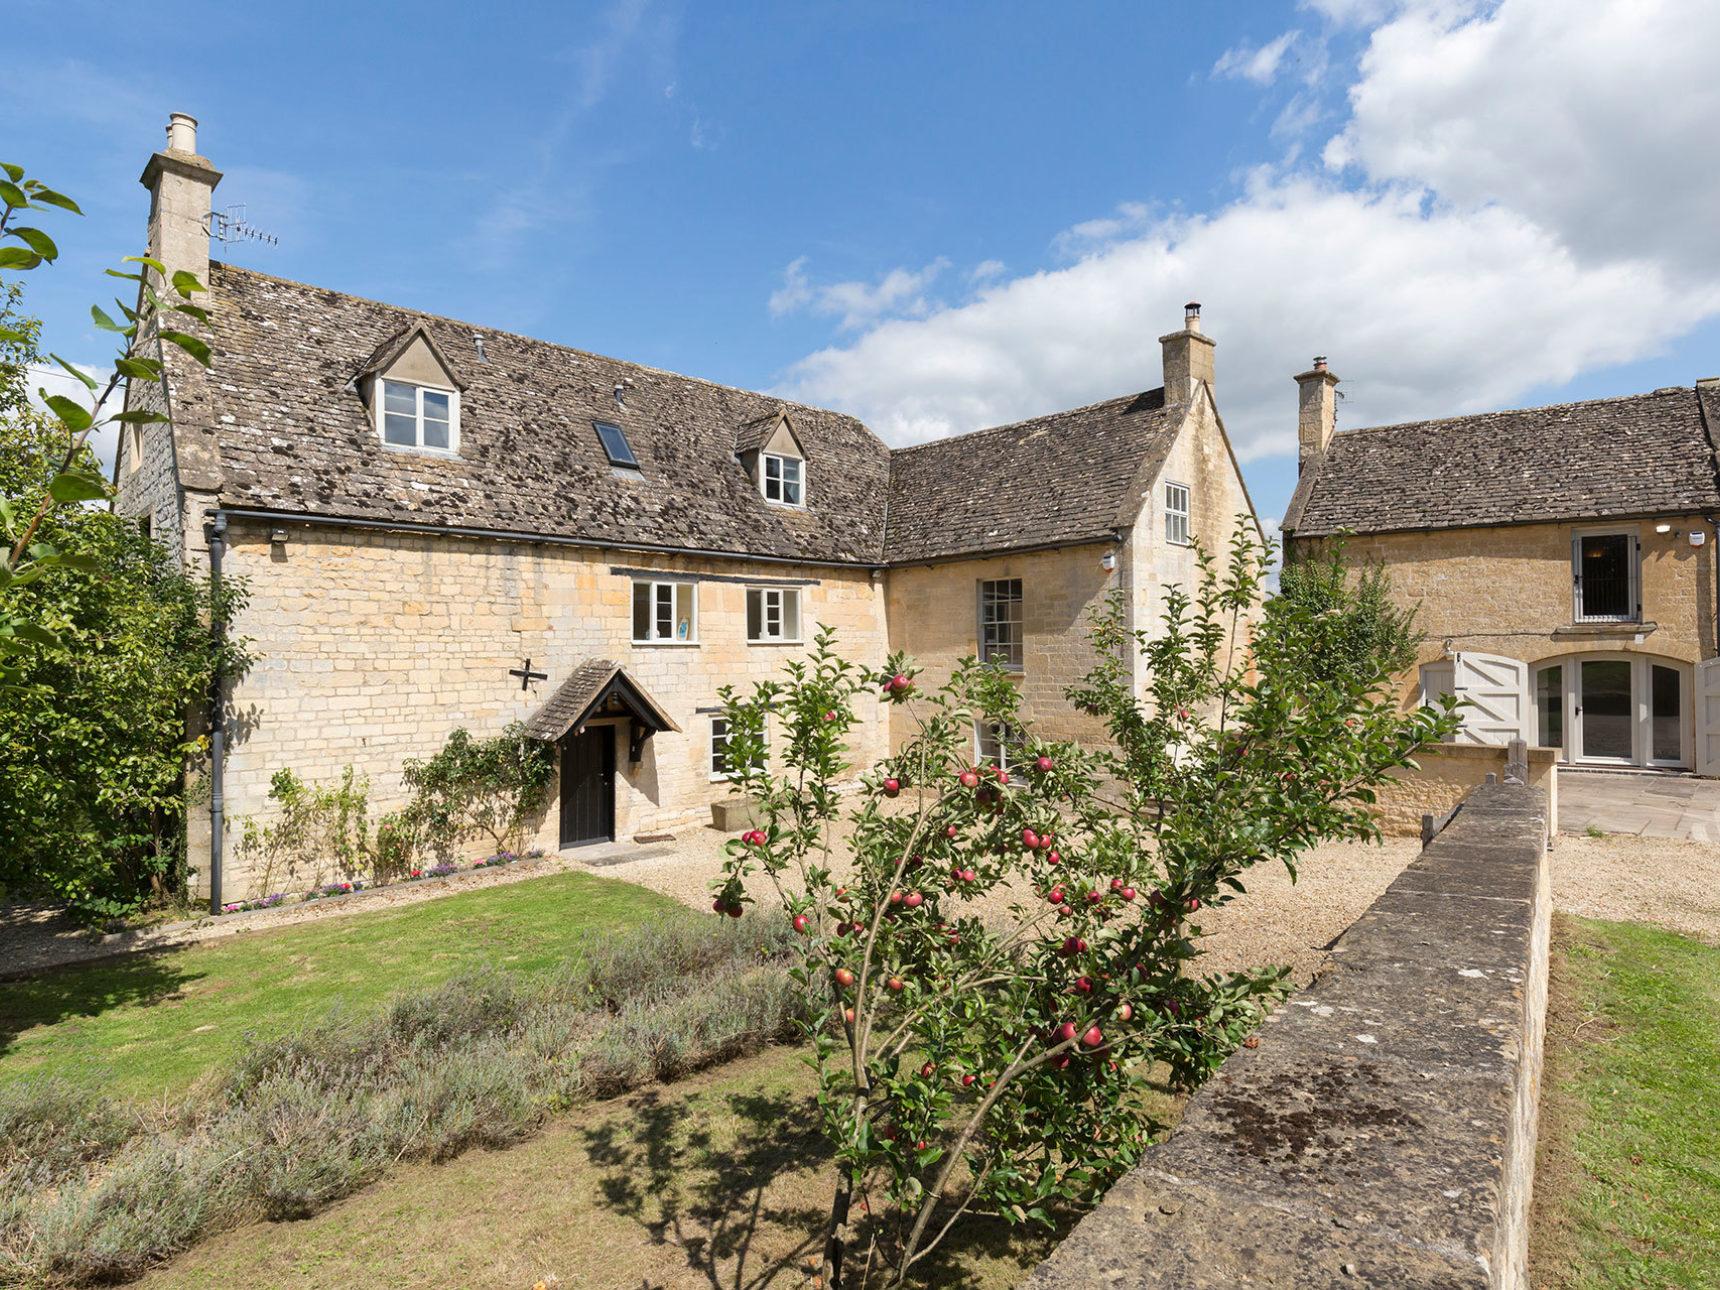 Almsbury Farmhouse exterior shot